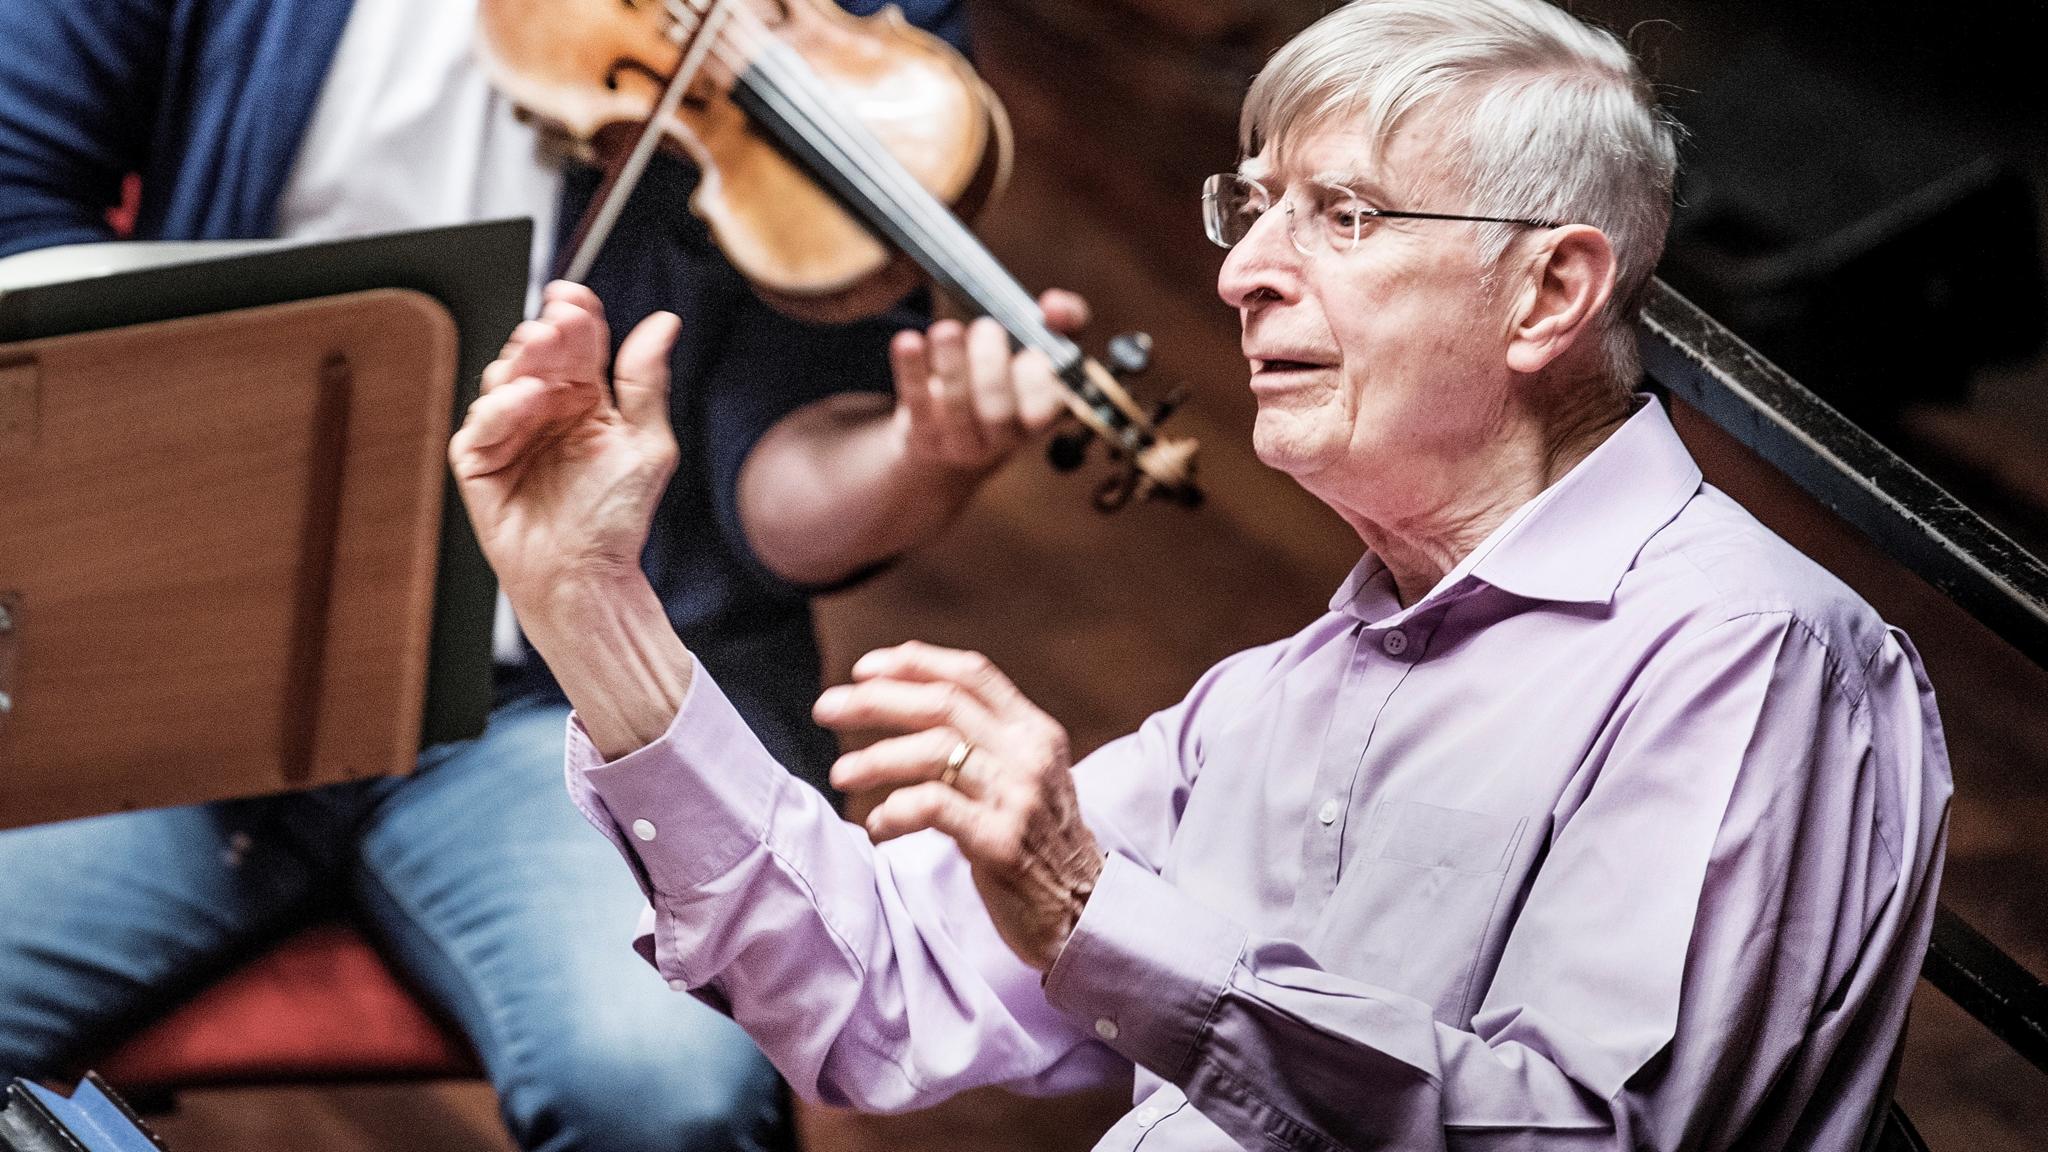 KONSERT: Herbert Blomstedt dirigerar Haydn och Mahler